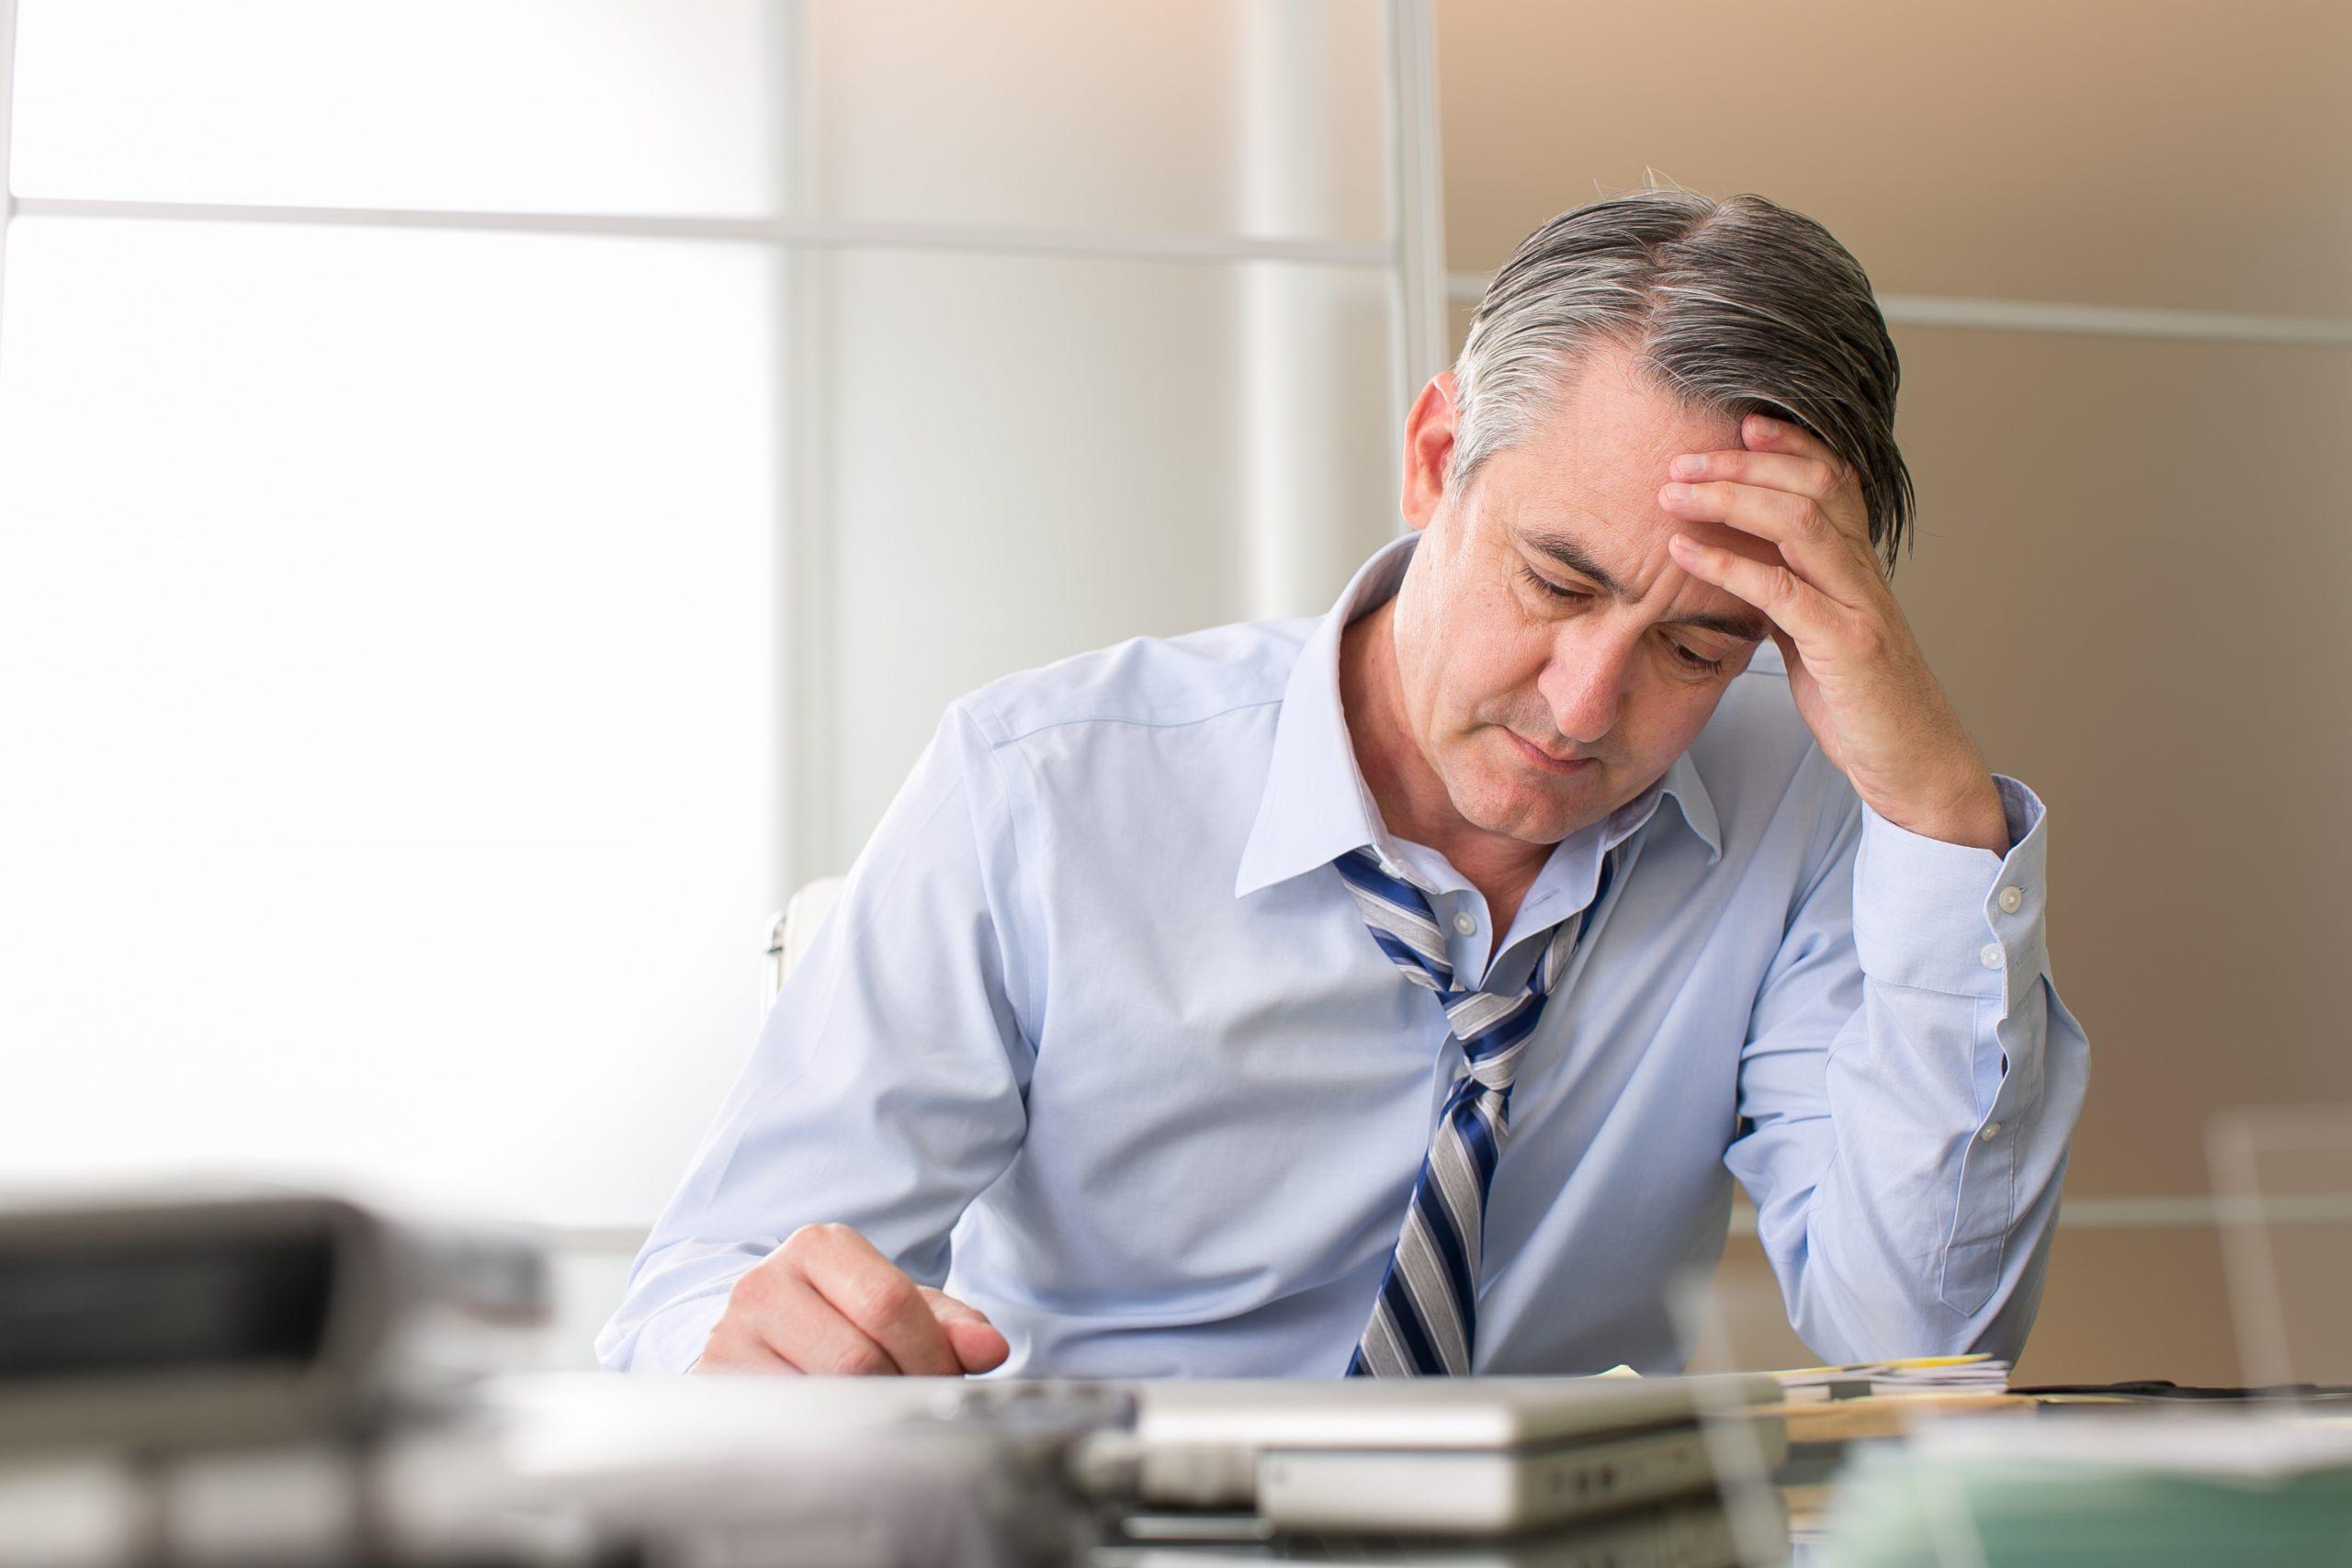 5 pasos para lidiar con el estrés financiero